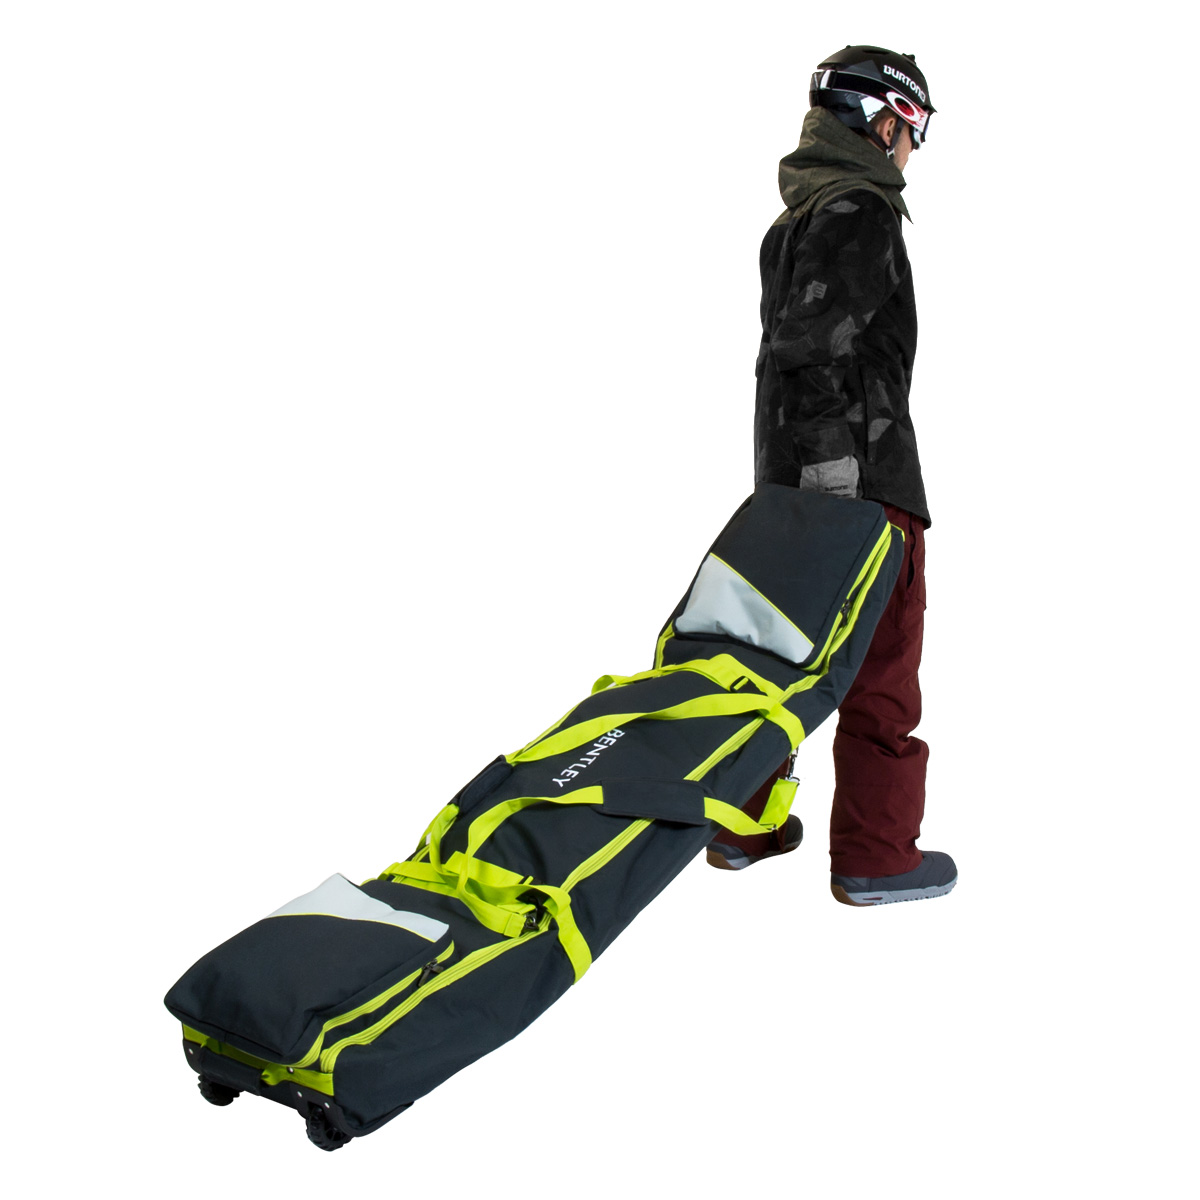 Blau oder Rosa /& Schwarz kariert Bentley Snowboardtasche mit Rollen